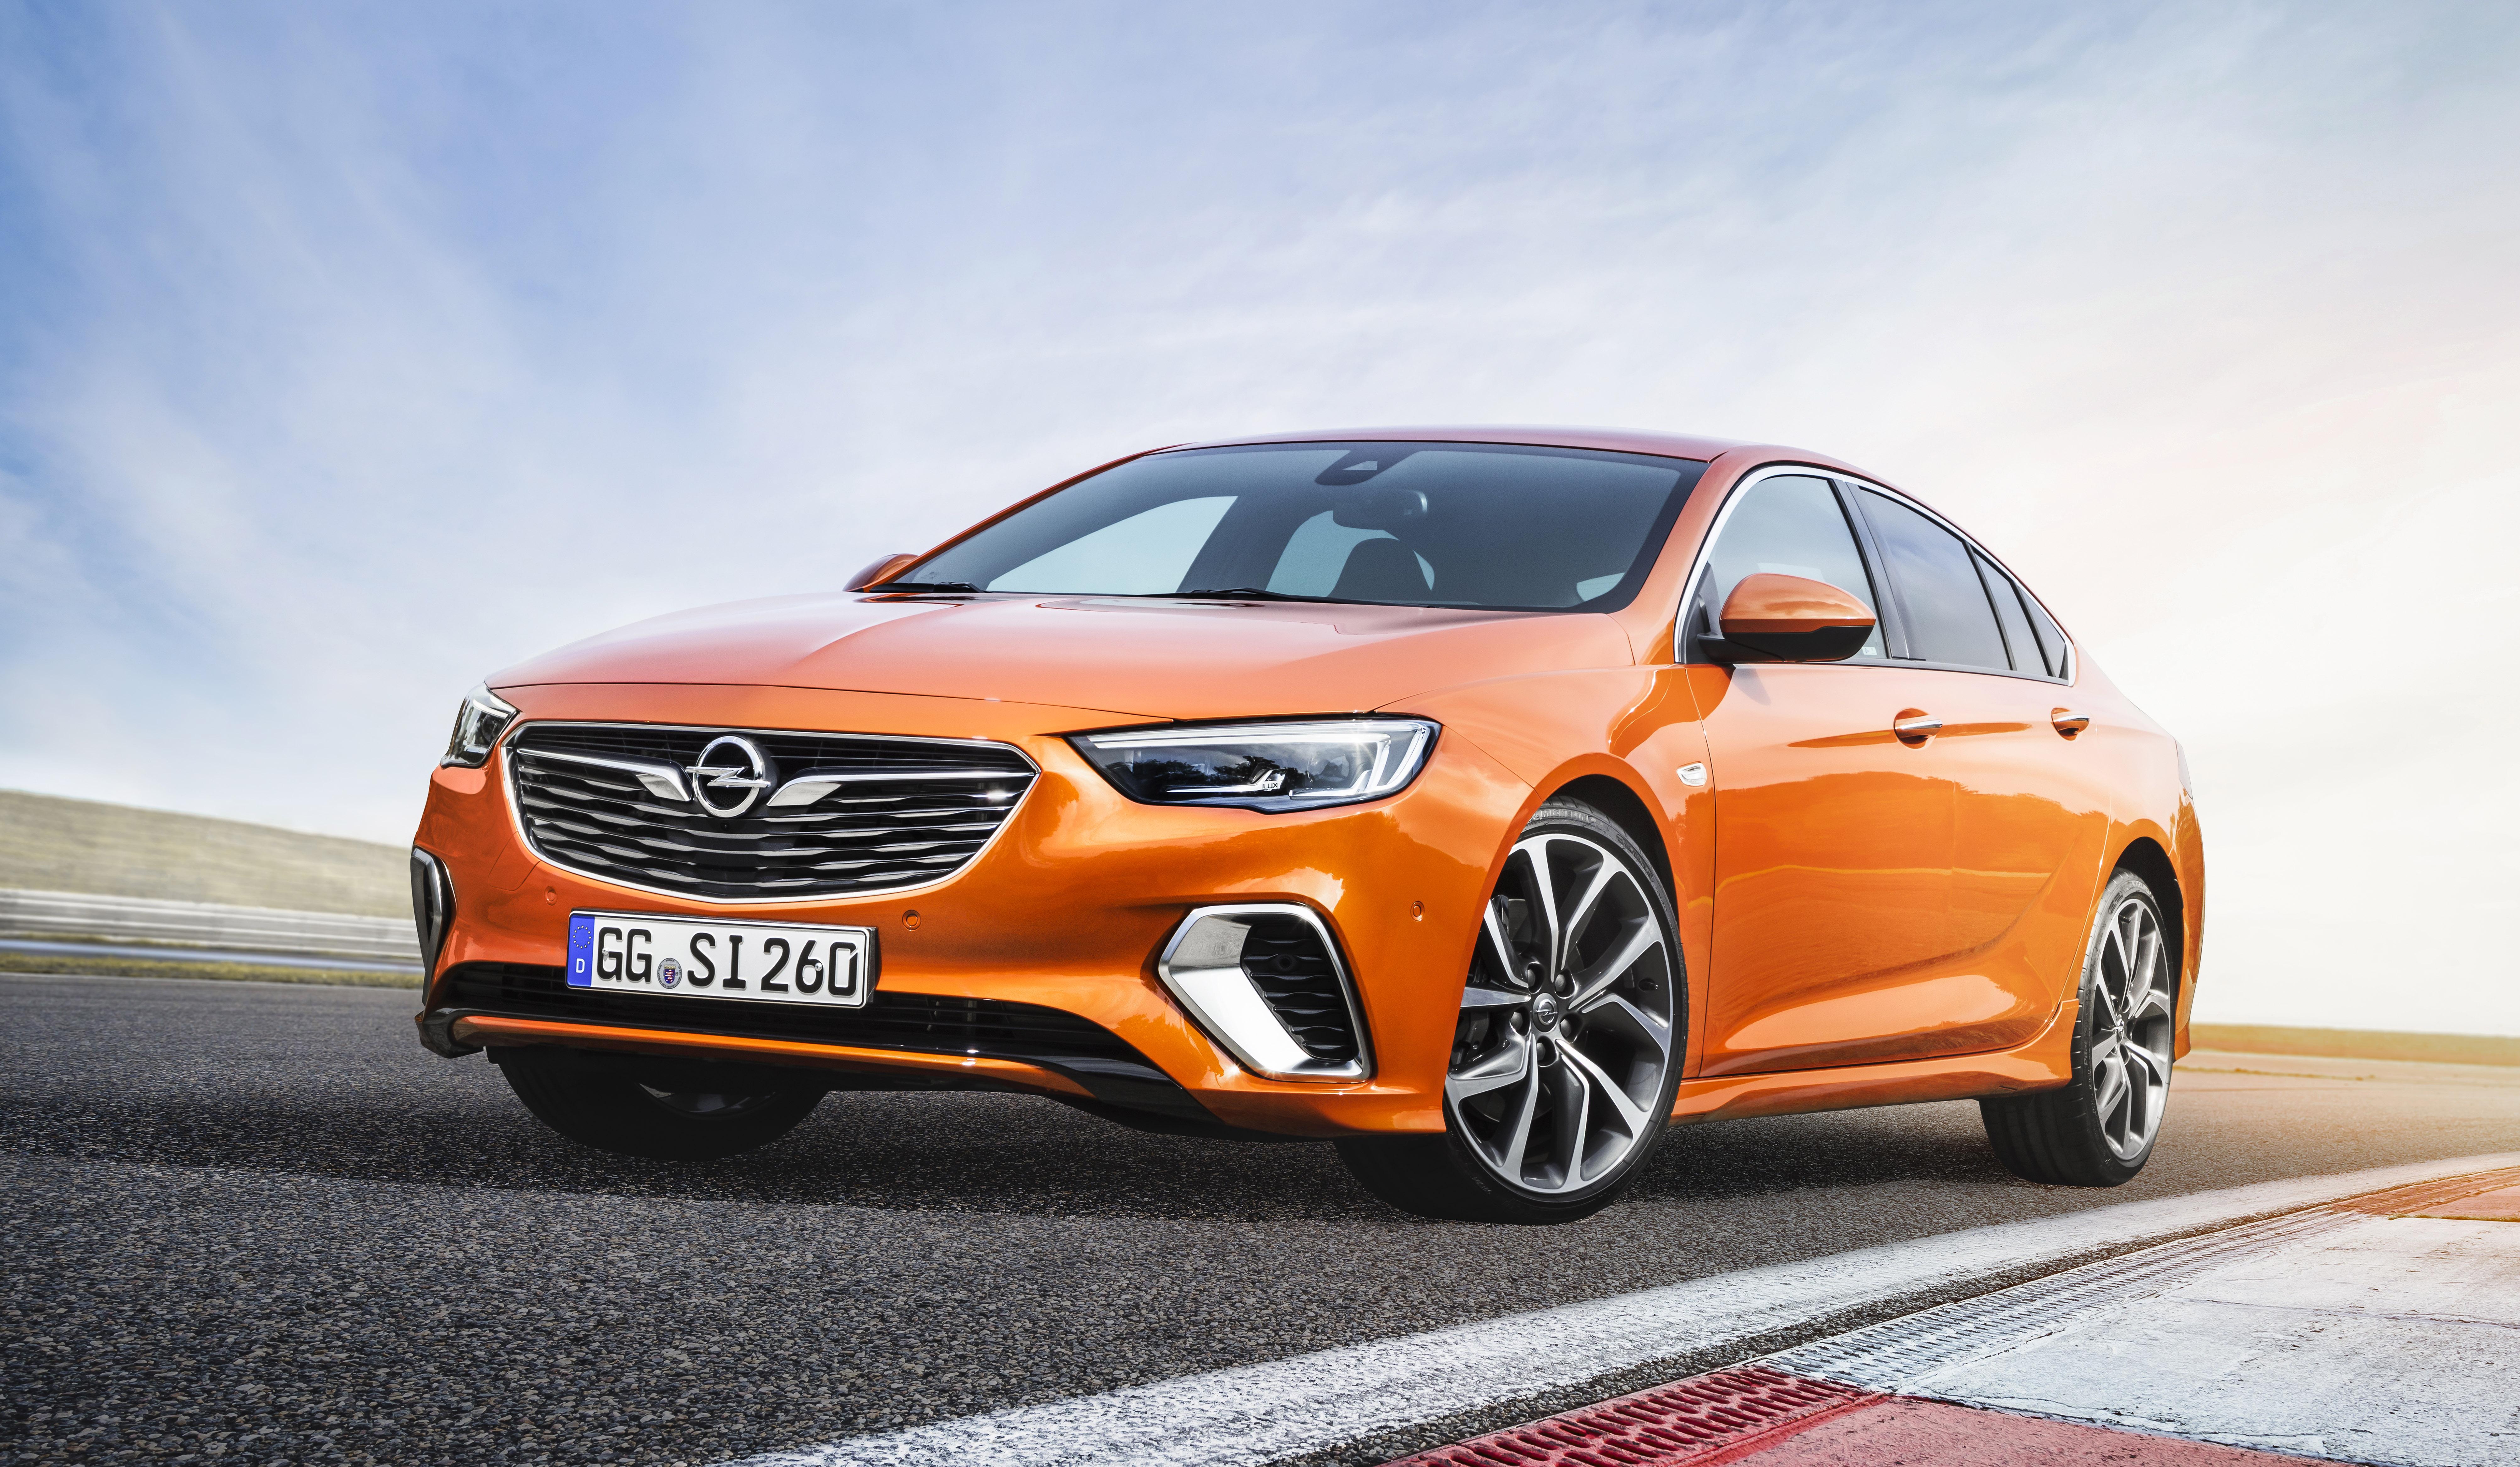 Opel desenha novo banco desportivo para o Insignia GSi